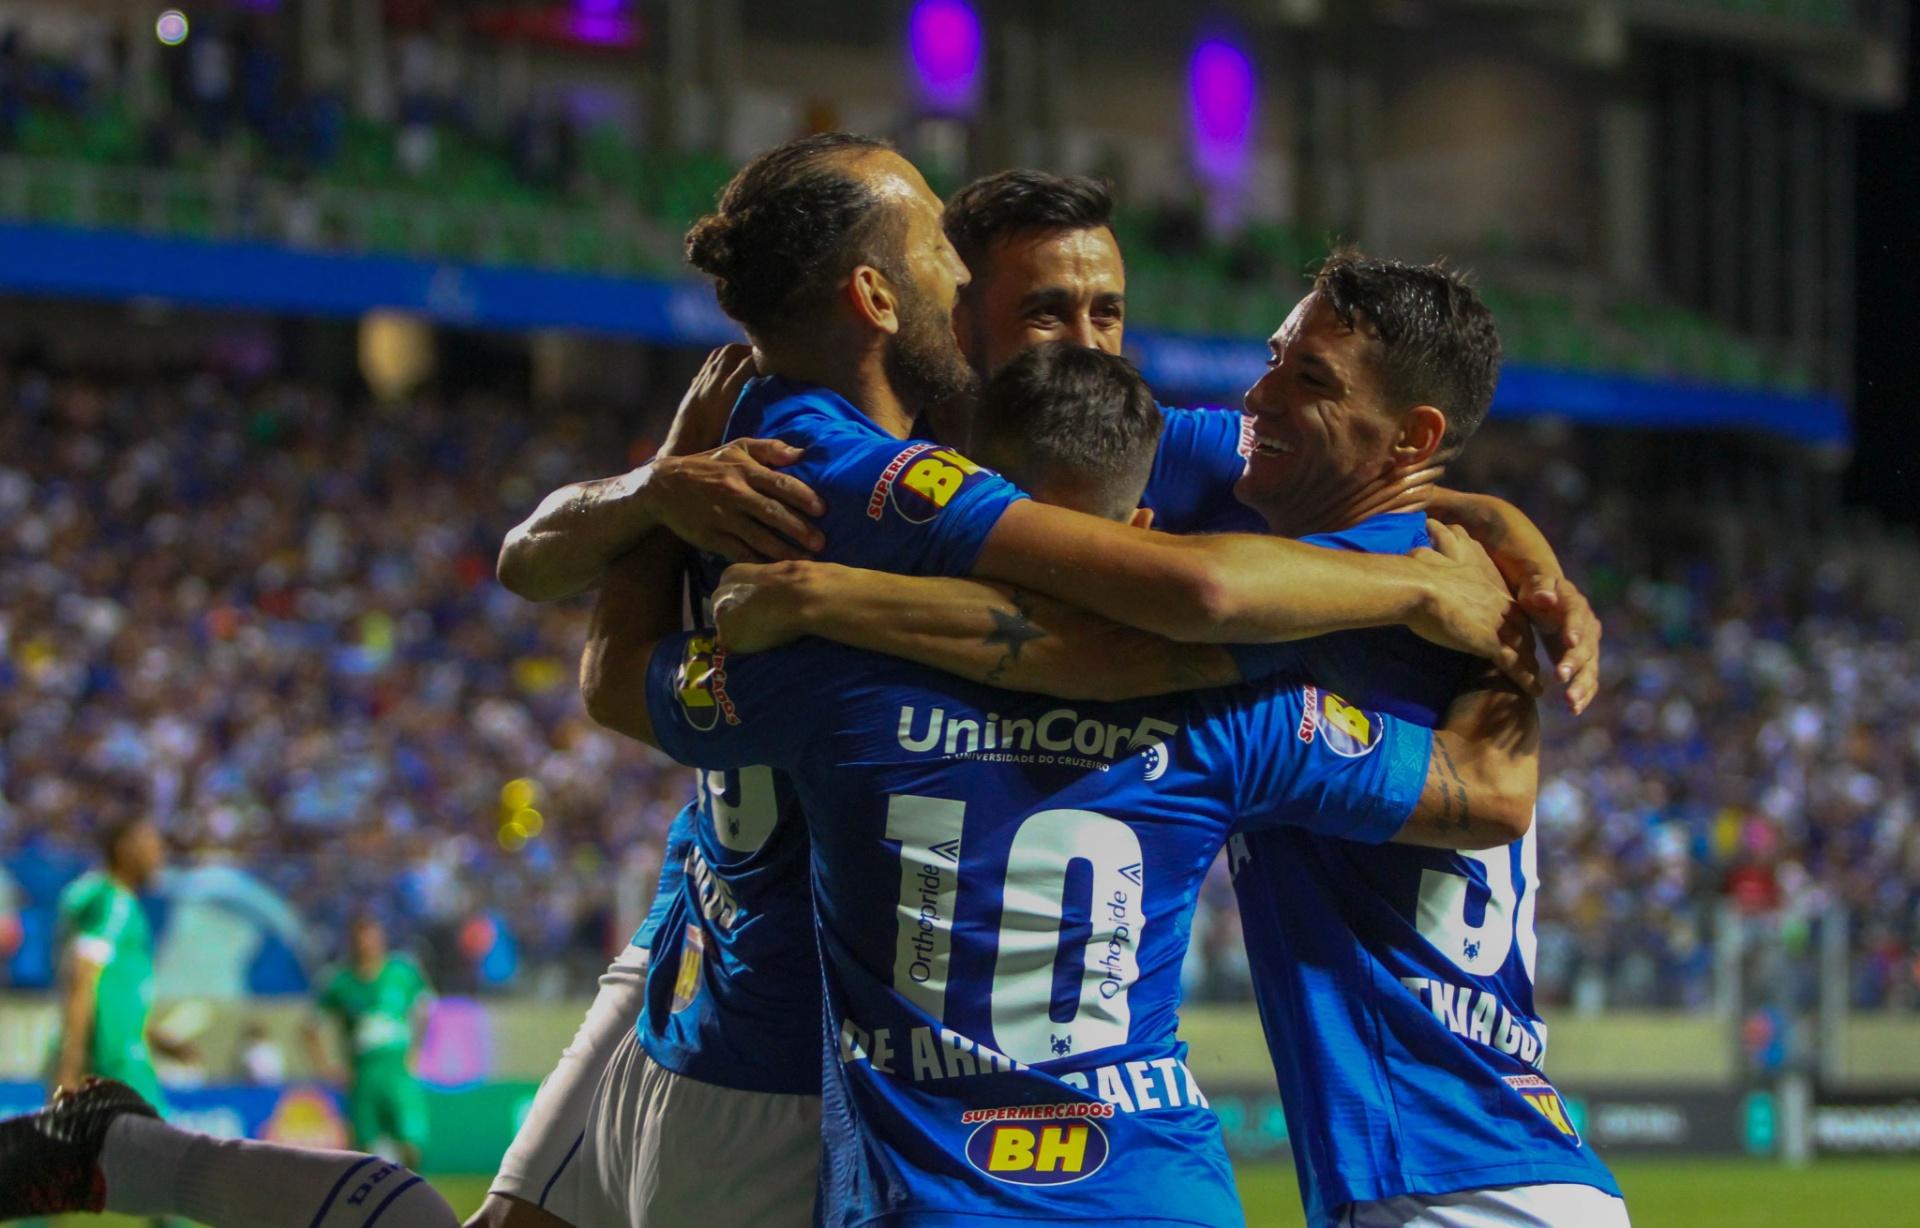 Cruzeiro não tira o pé e curte ressaca com vitória fácil sobre Chapecoense  - 21 10 2018 - UOL Esporte 1f573c57f3fbd